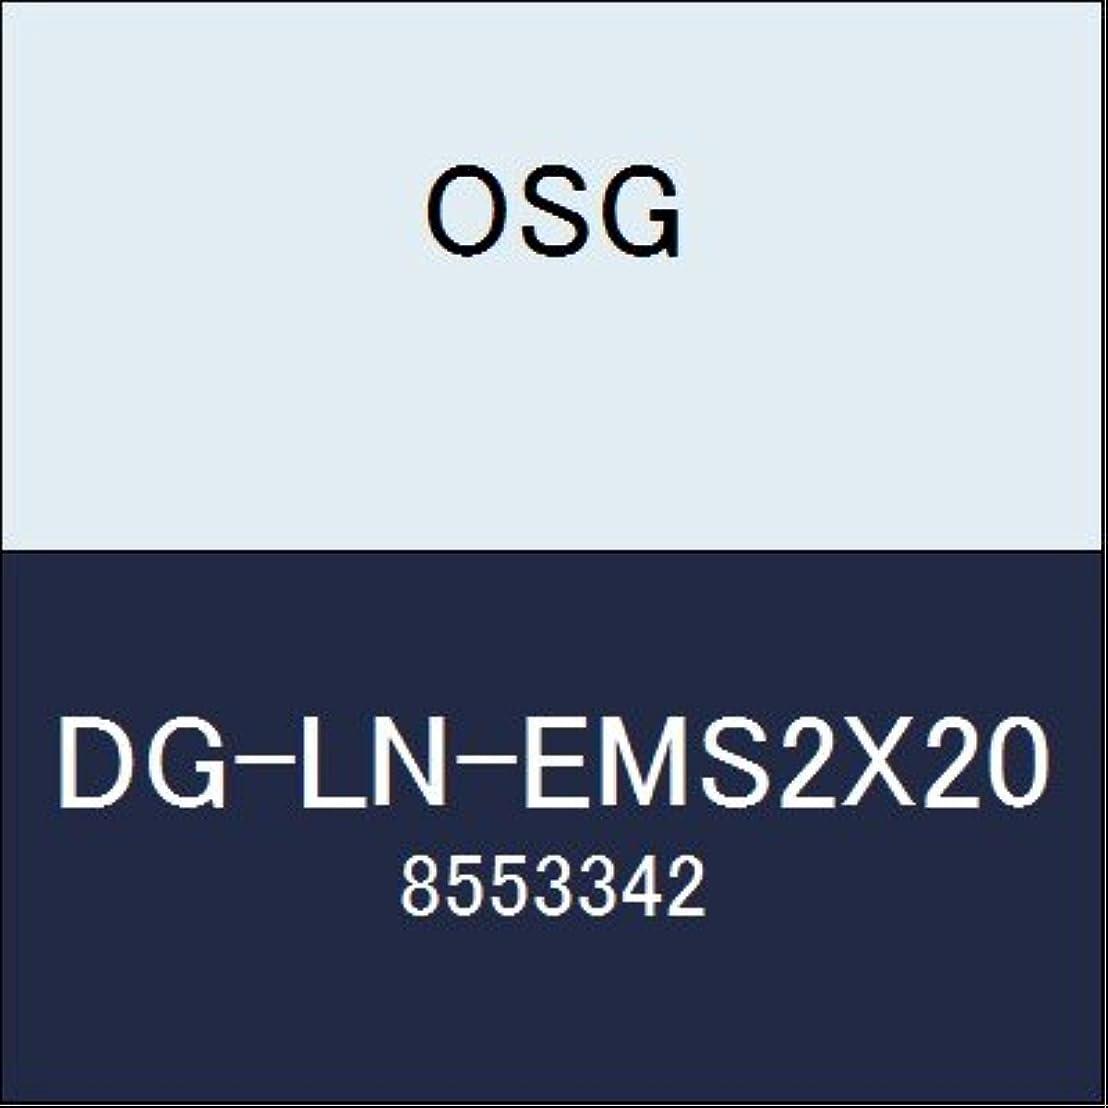 フィルタ生むパンツOSG エンドミル DG-LN-EMS2X20 商品番号 8553342